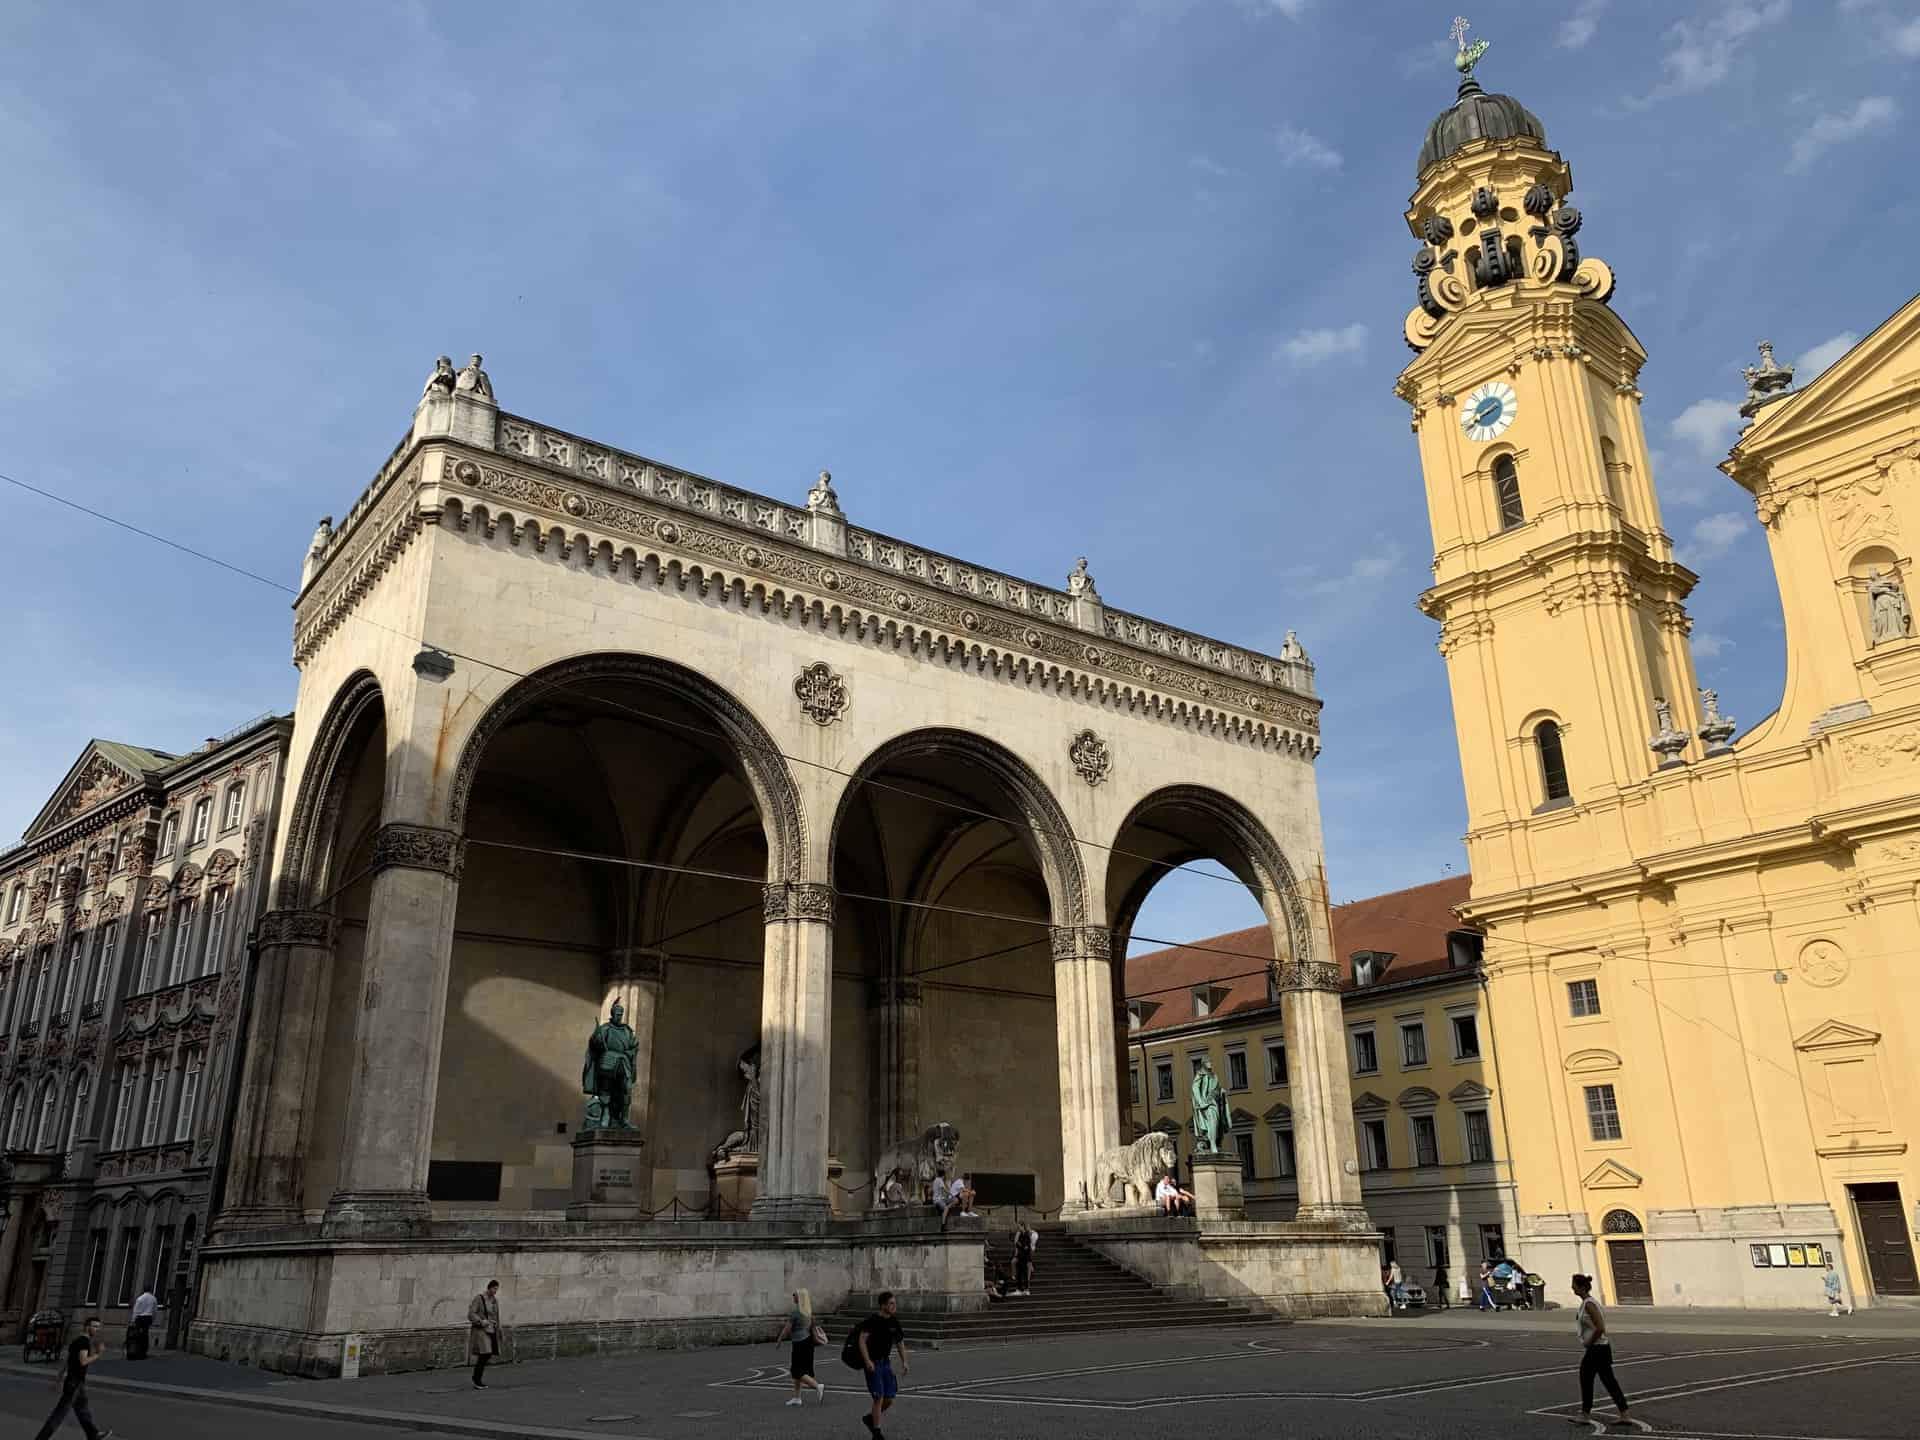 München_Odeonsplatz_Feldherrnhalle_Theatinerkirche